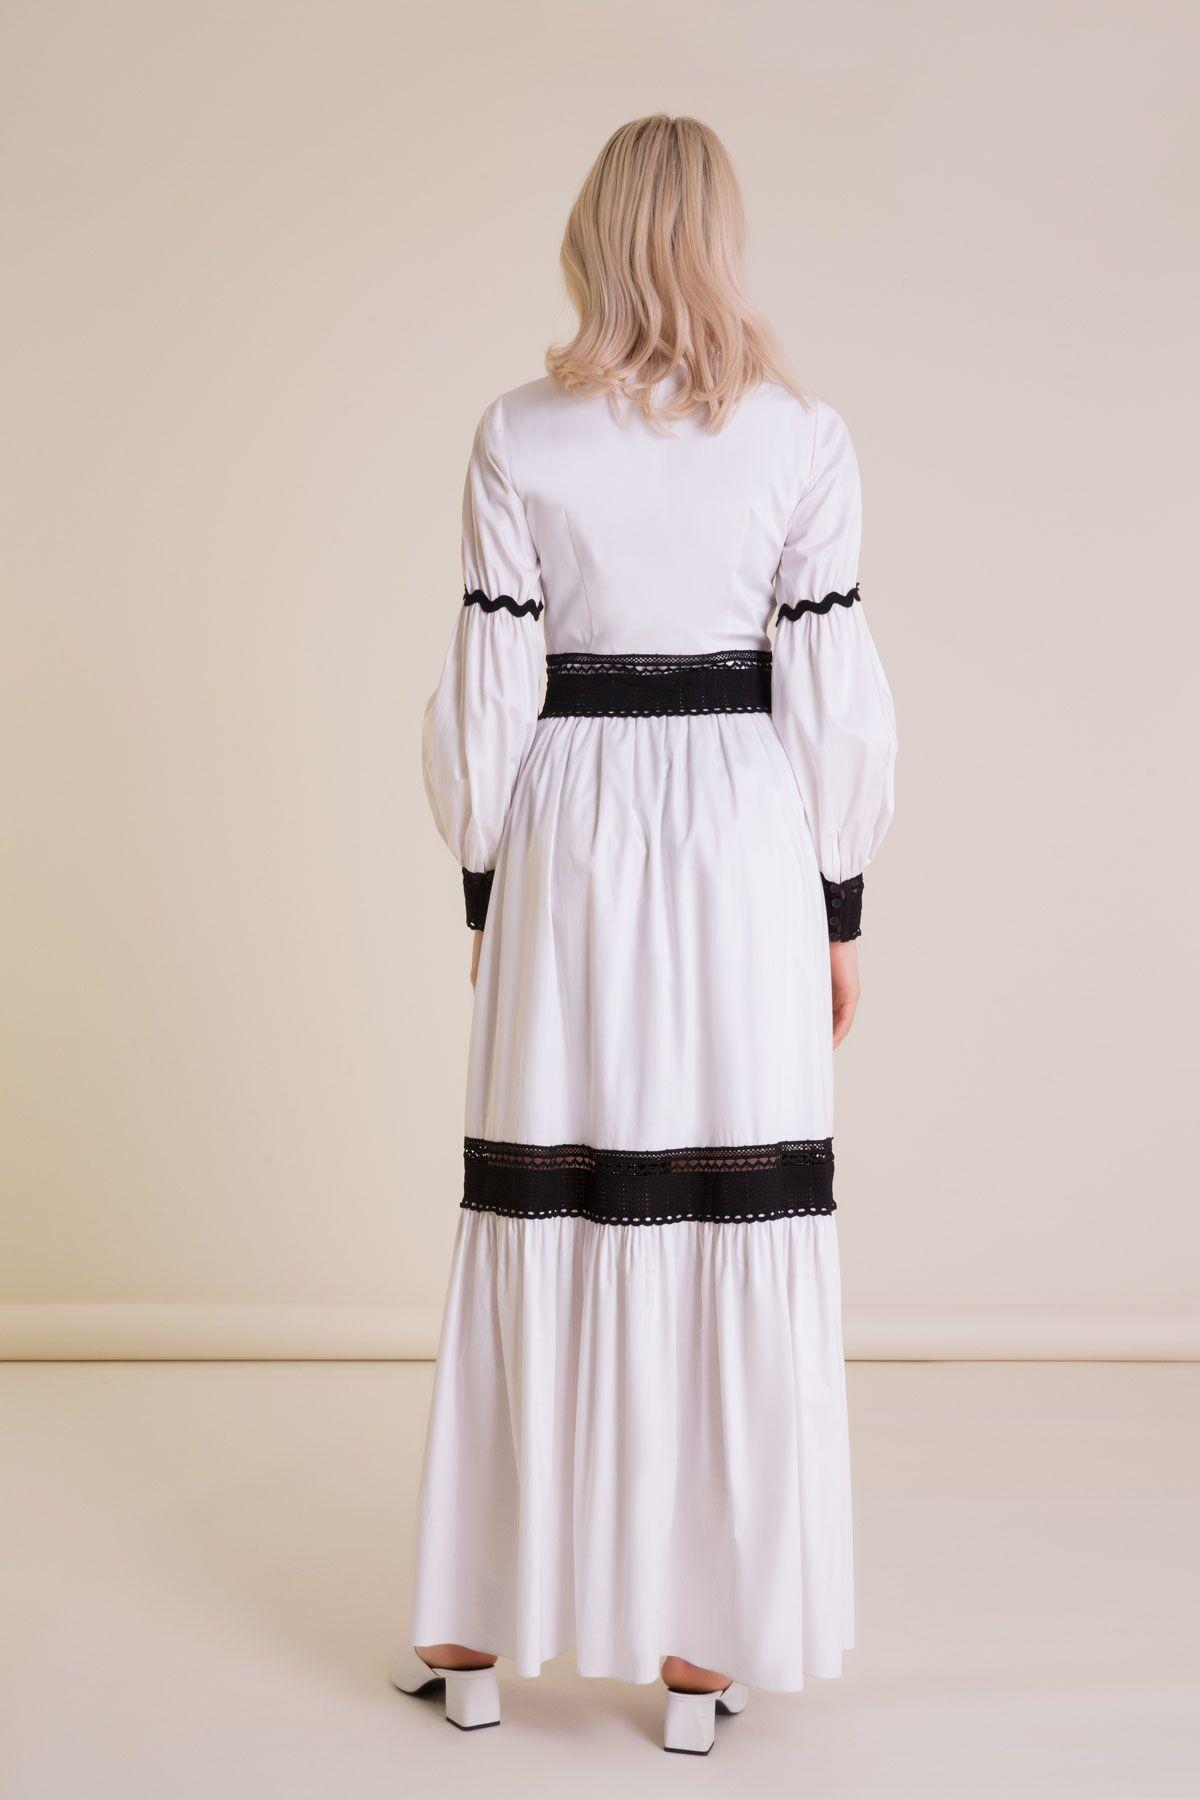 Dantel Şerit Detaylı V Yaka Beyaz Uzun Elbise